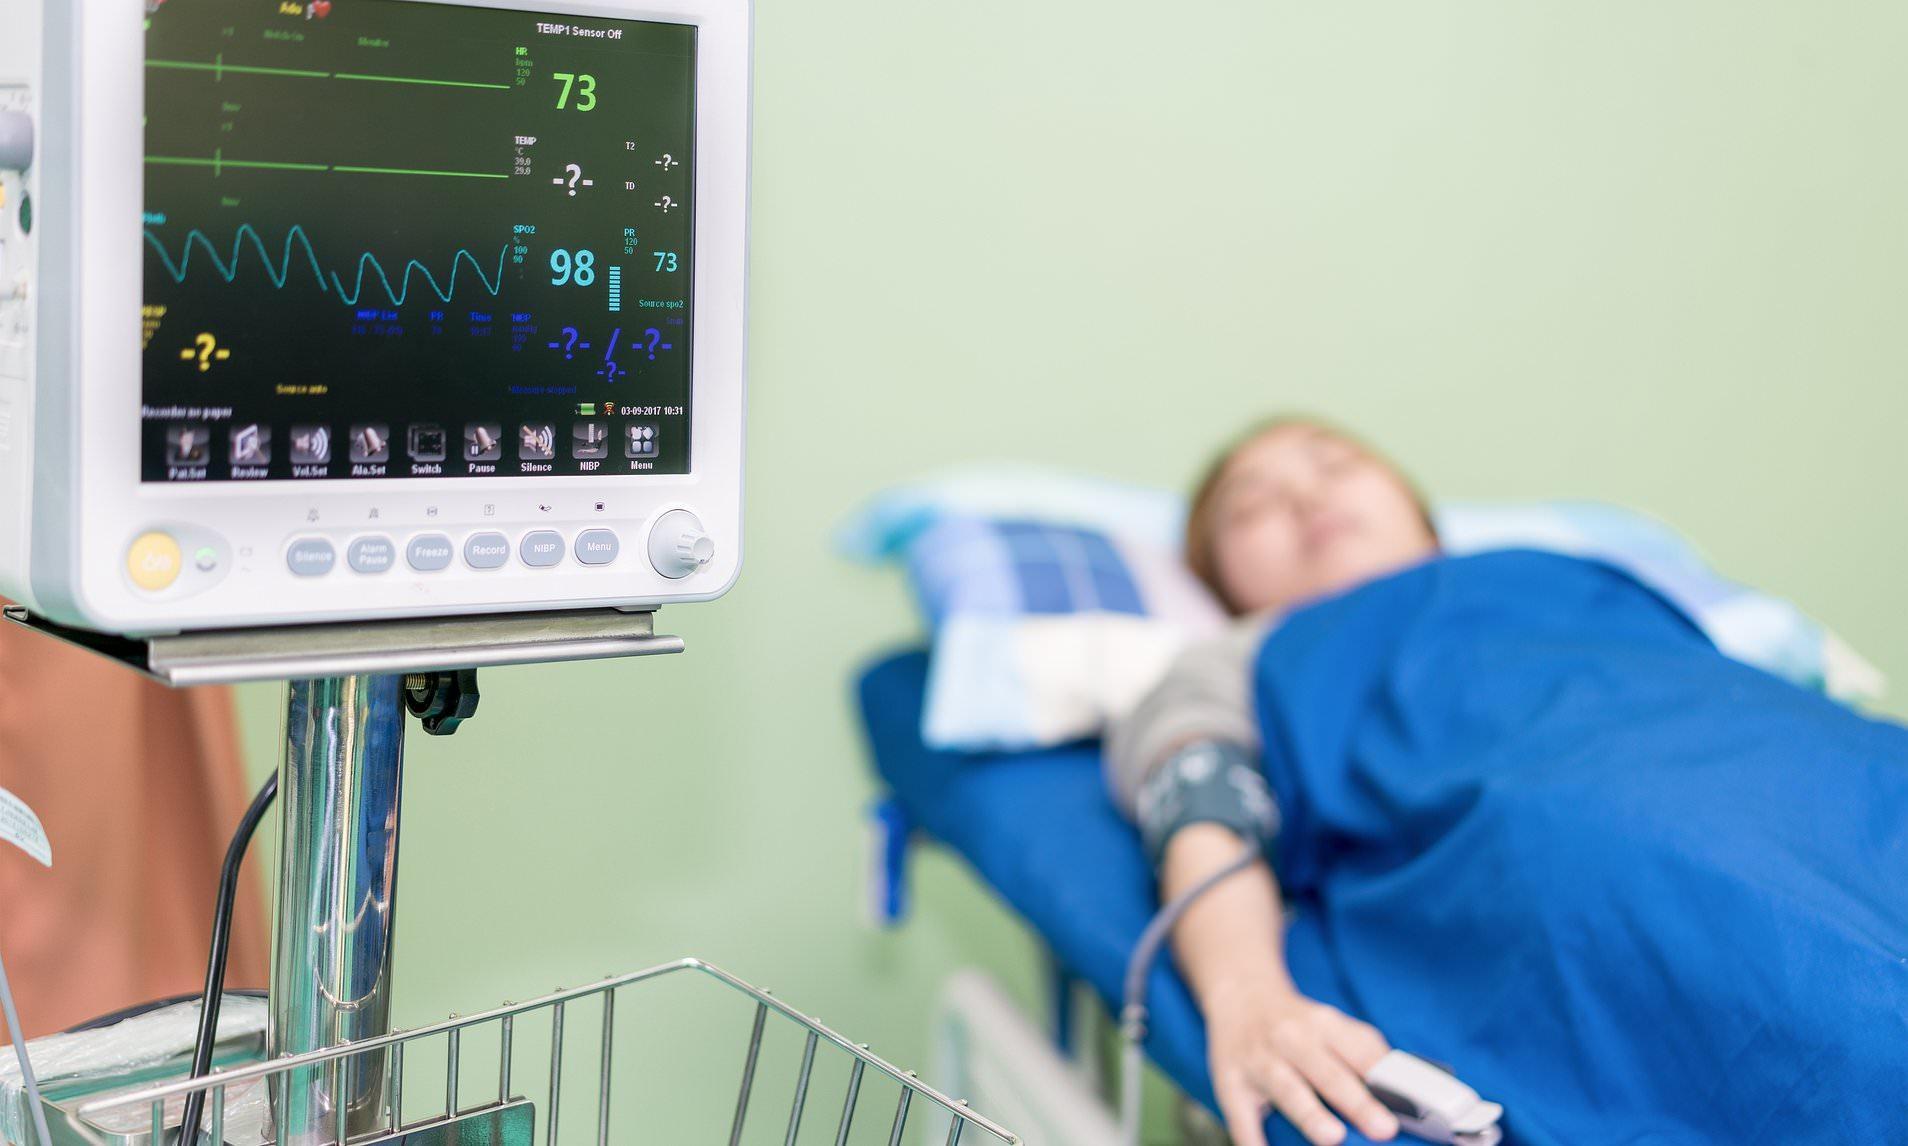 Пожилые пациенты часто страдают от бессимптомного инсульта после операции